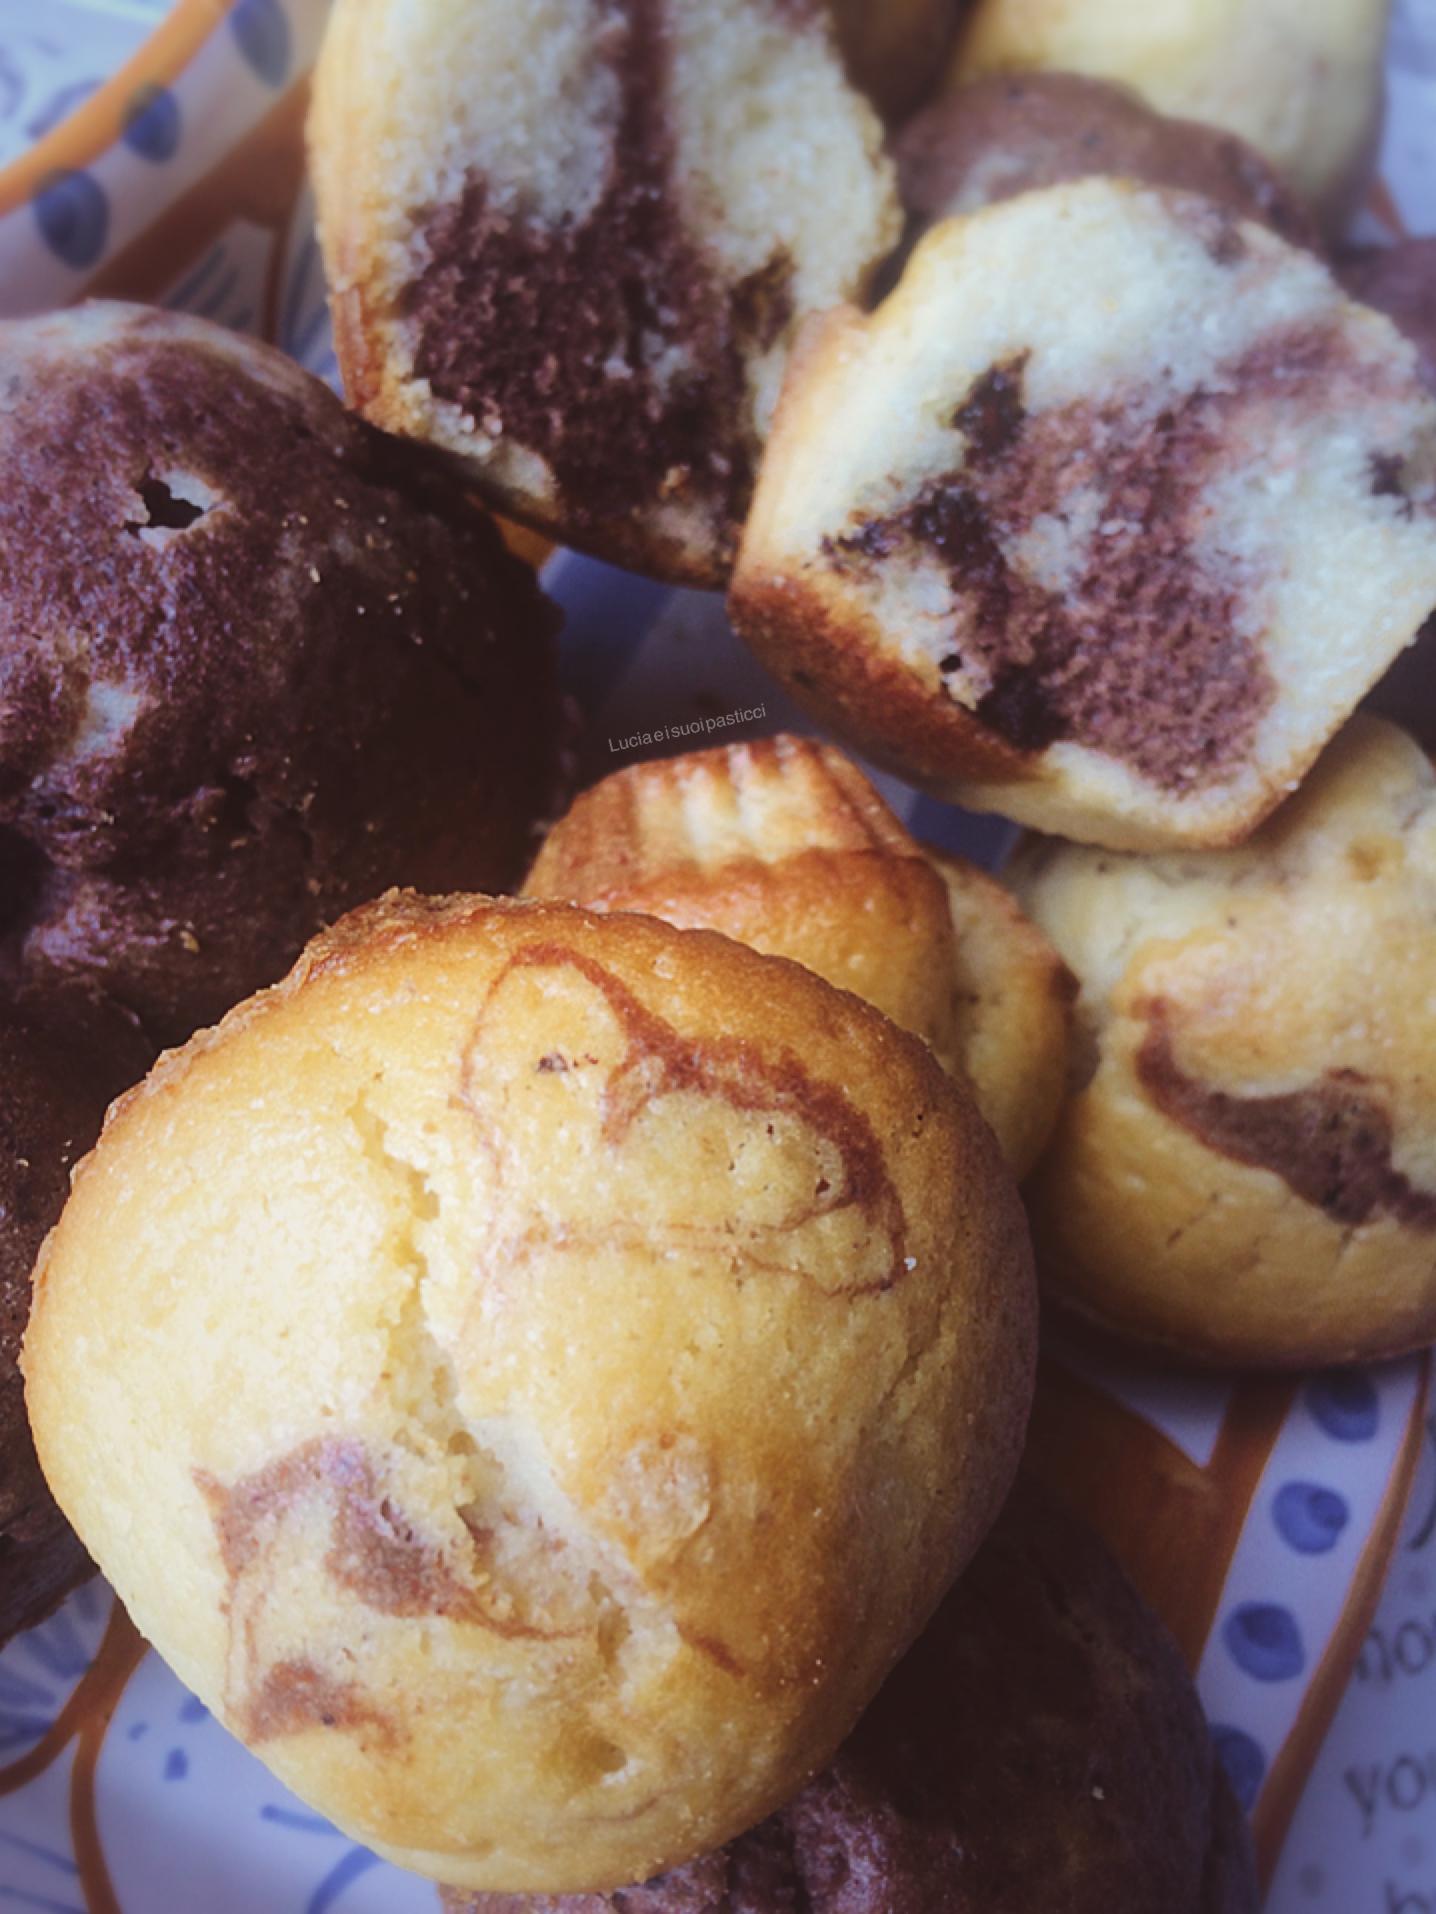 #Starbucks Muffin | Lucia e i suoi pasticci